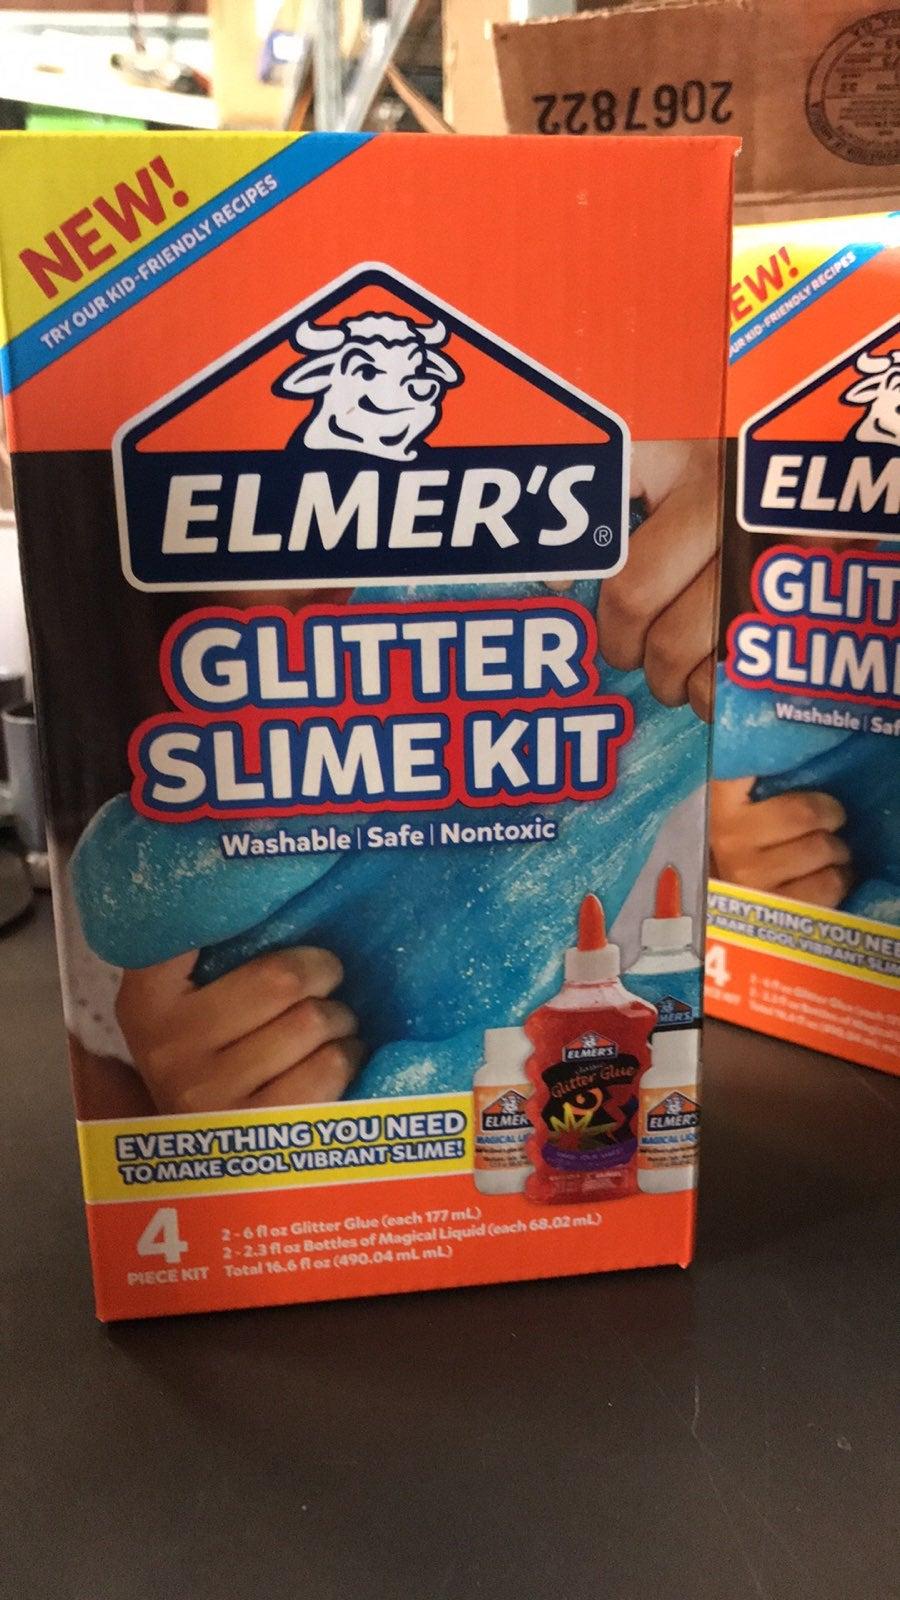 Elmer glue glitter slime kit